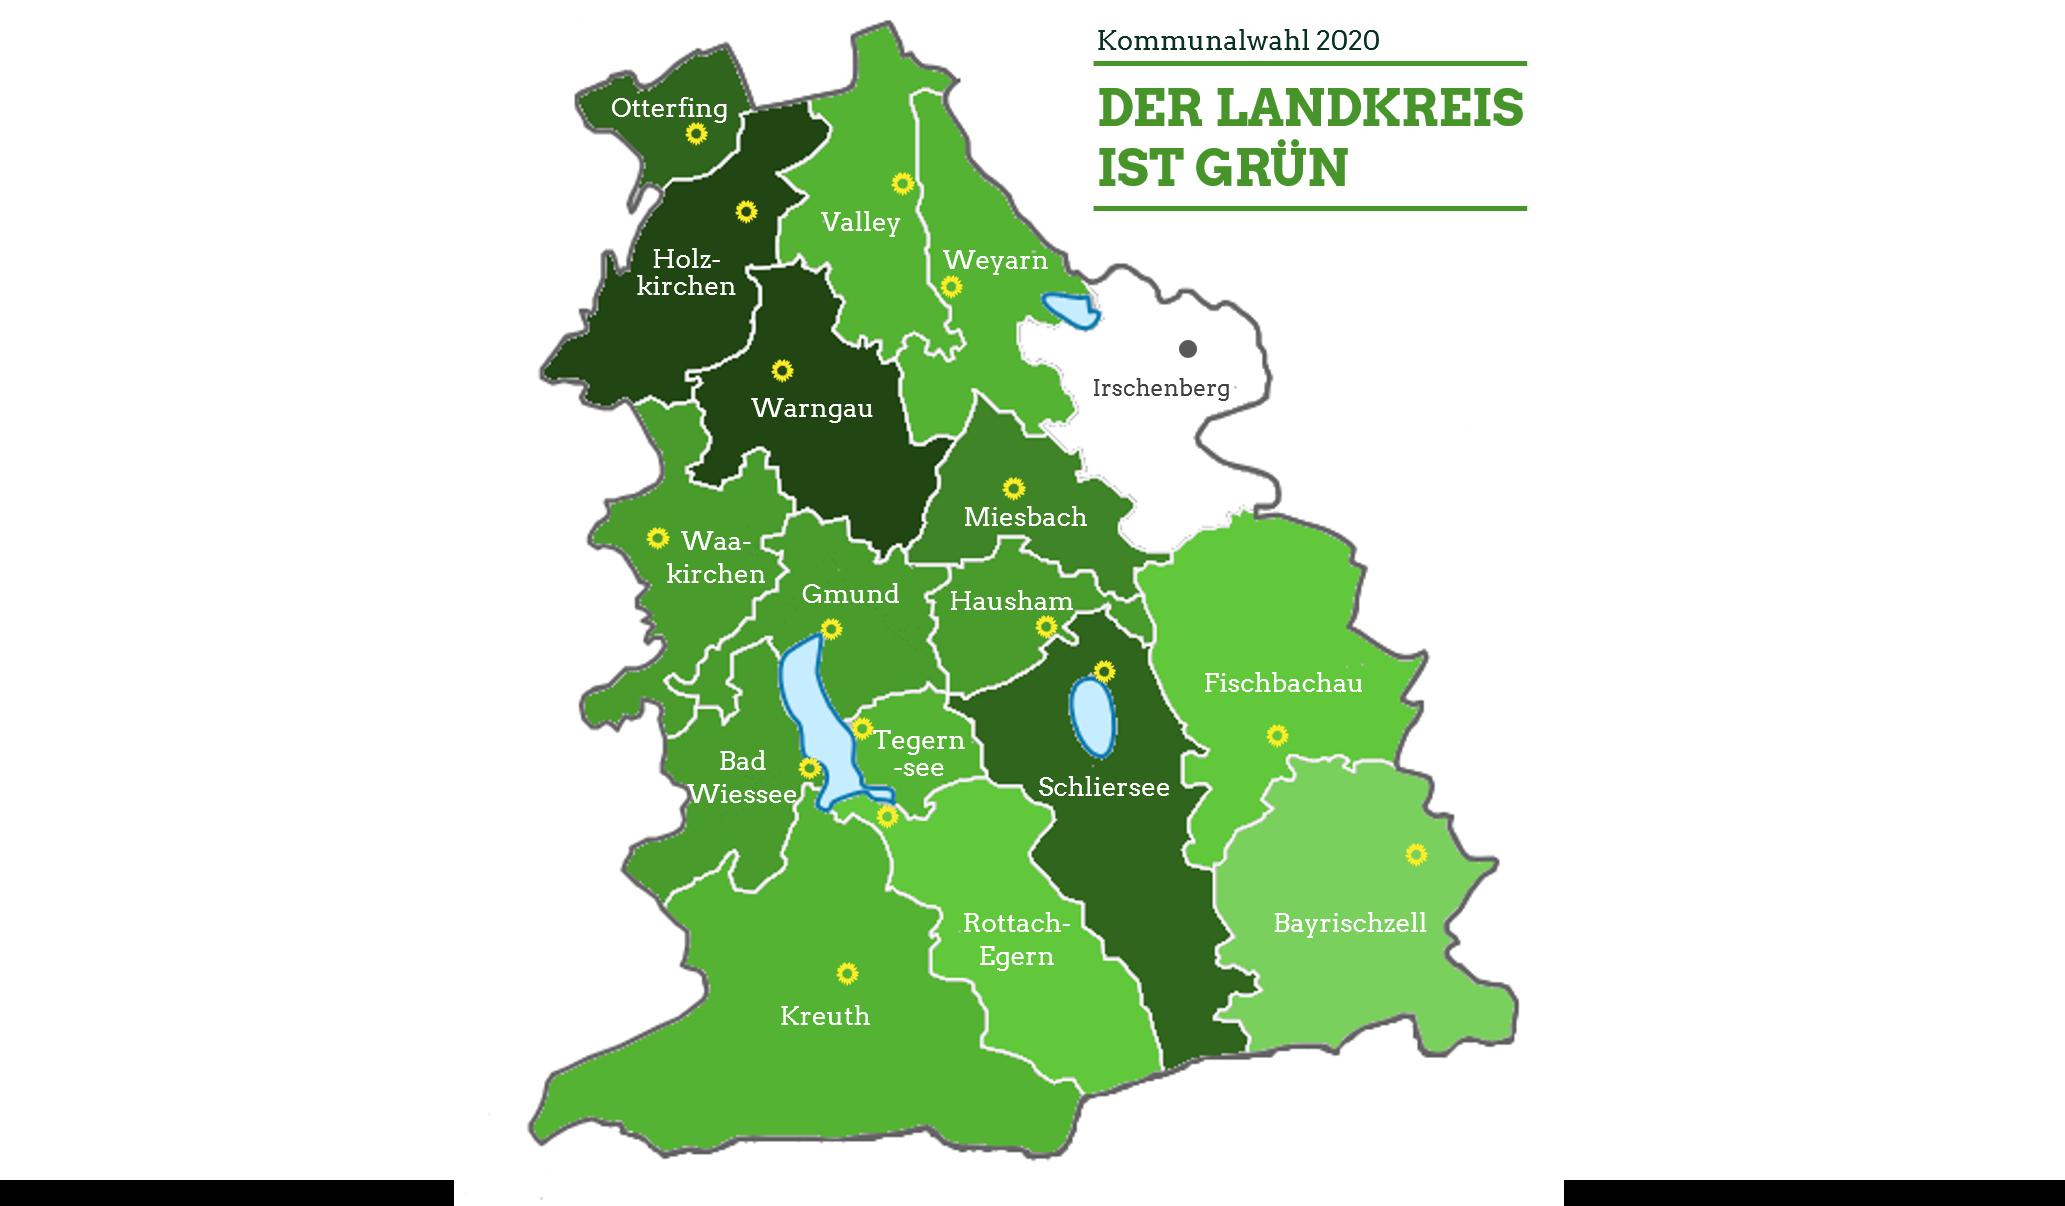 Der Landkreis ist grün